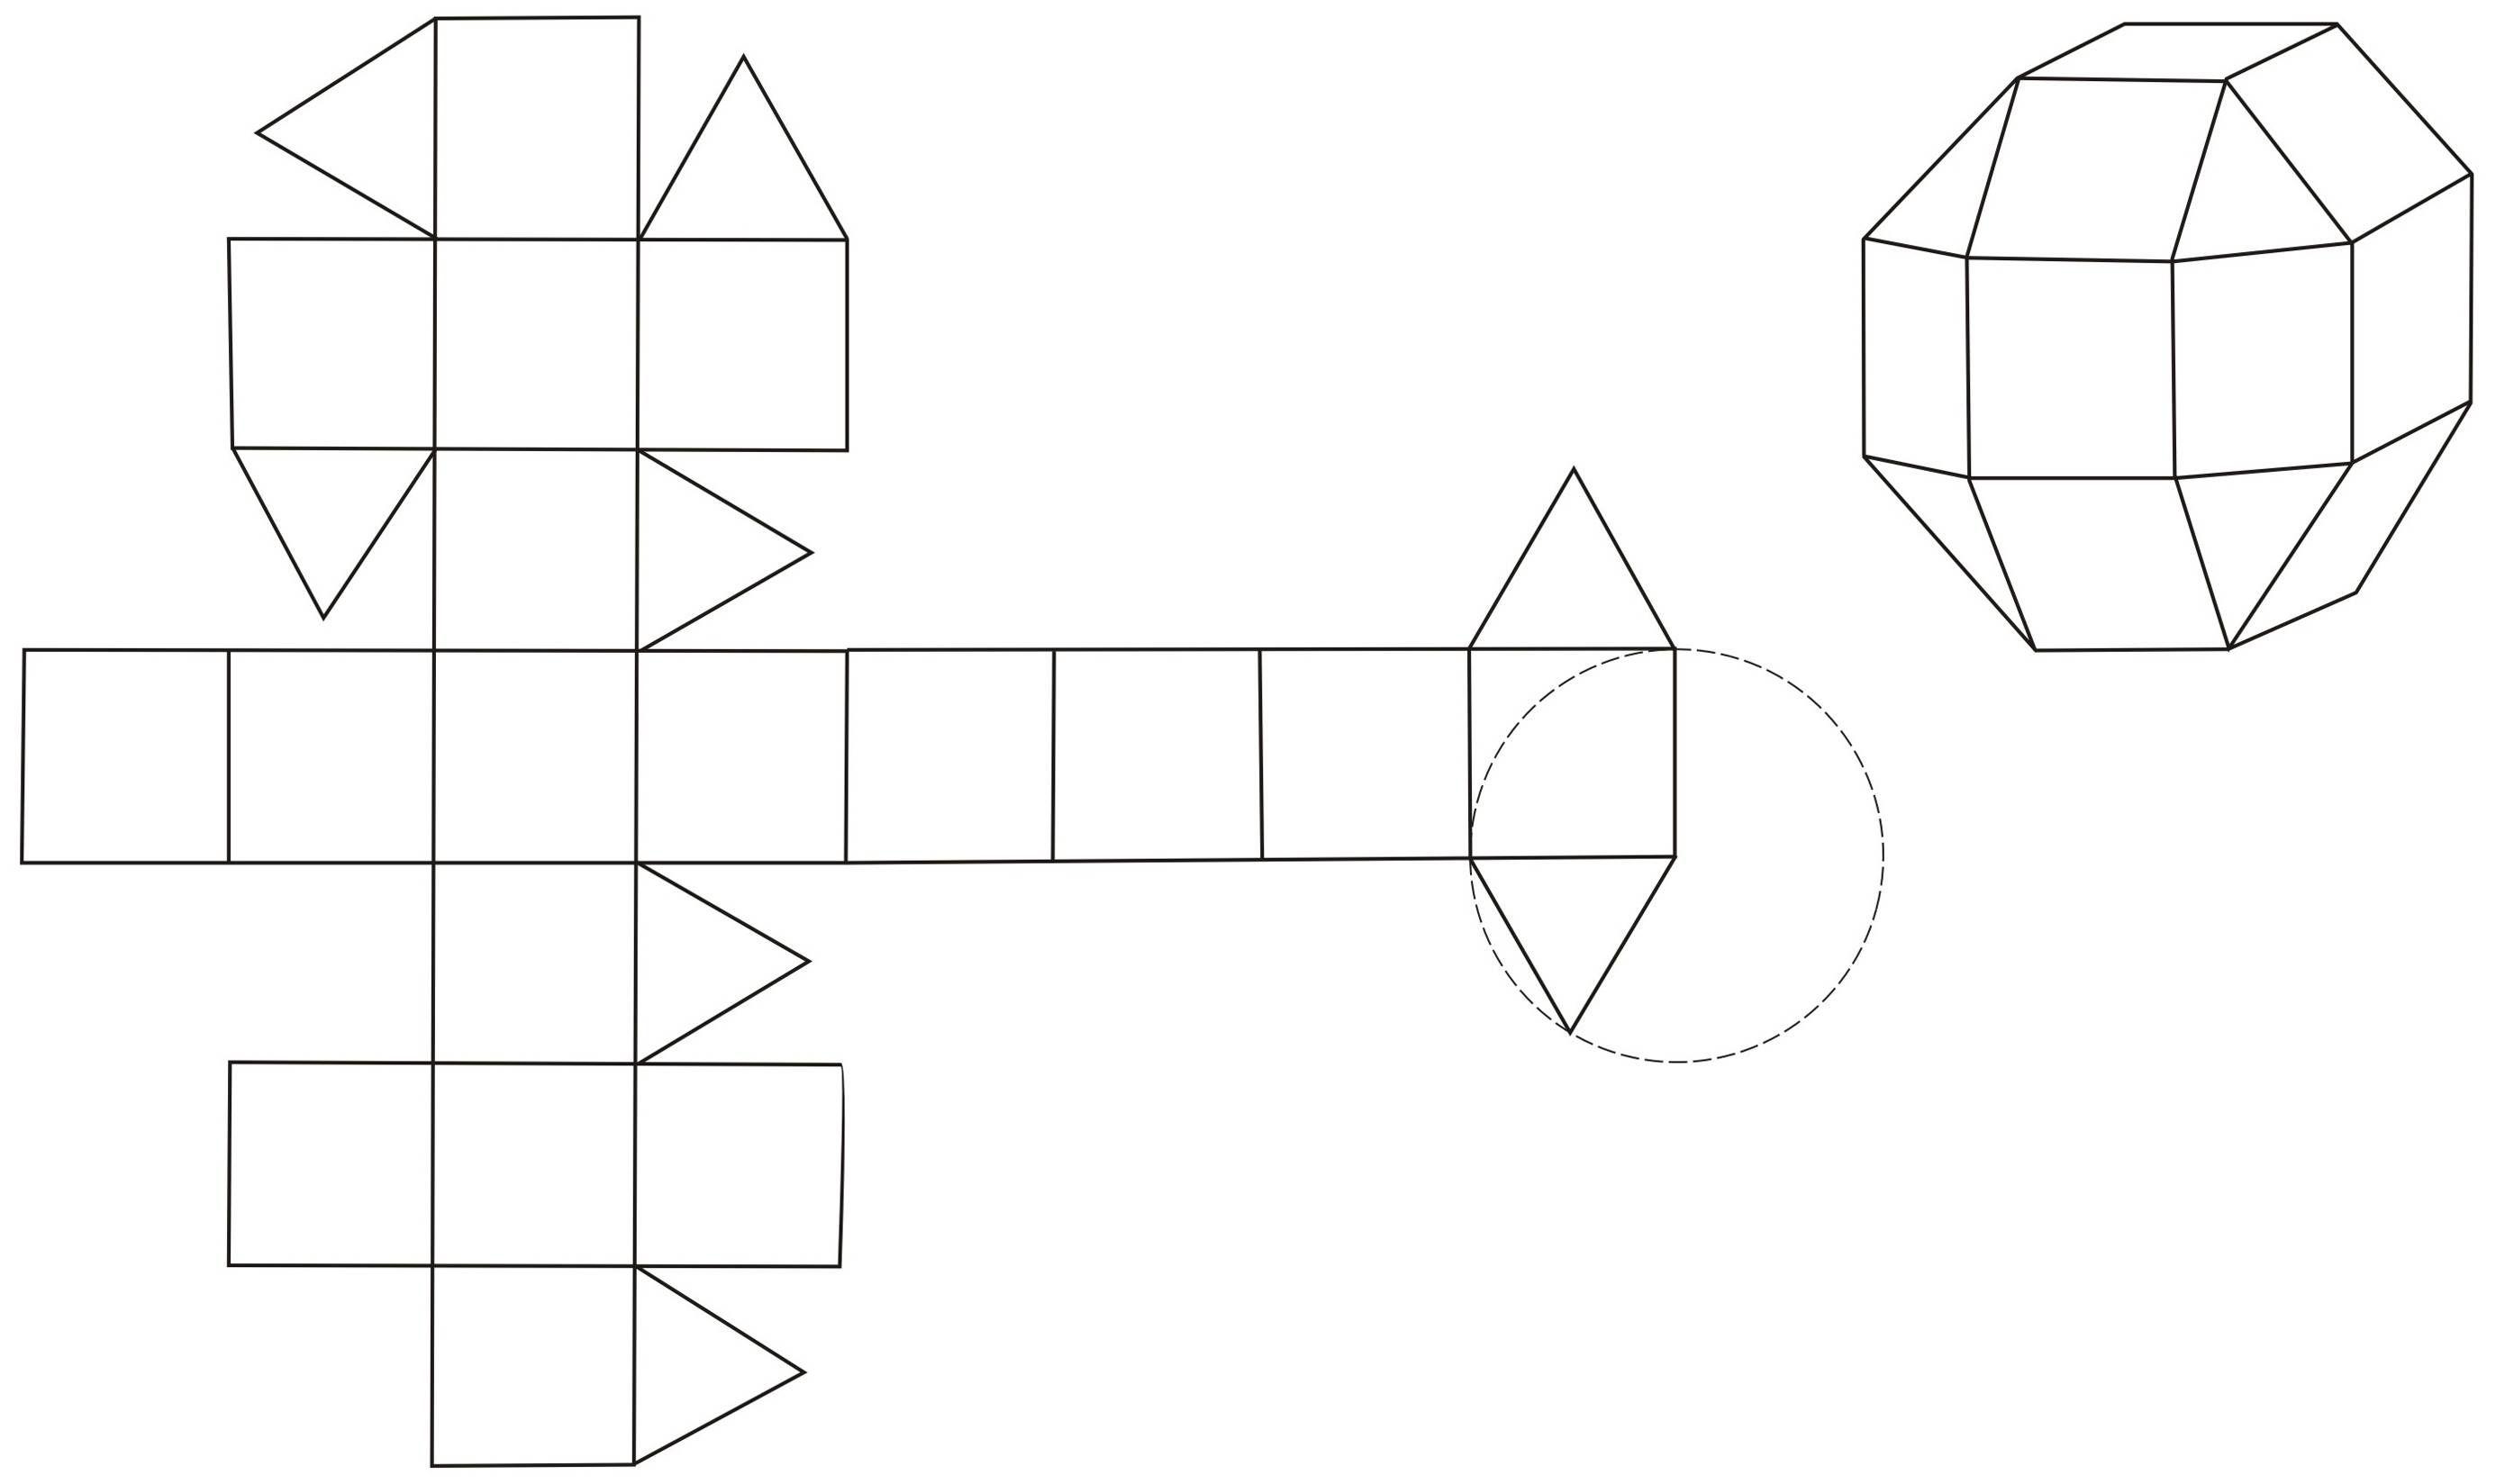 Объемные геометрические фигуры из бумаги своими руками схемы шаблоны